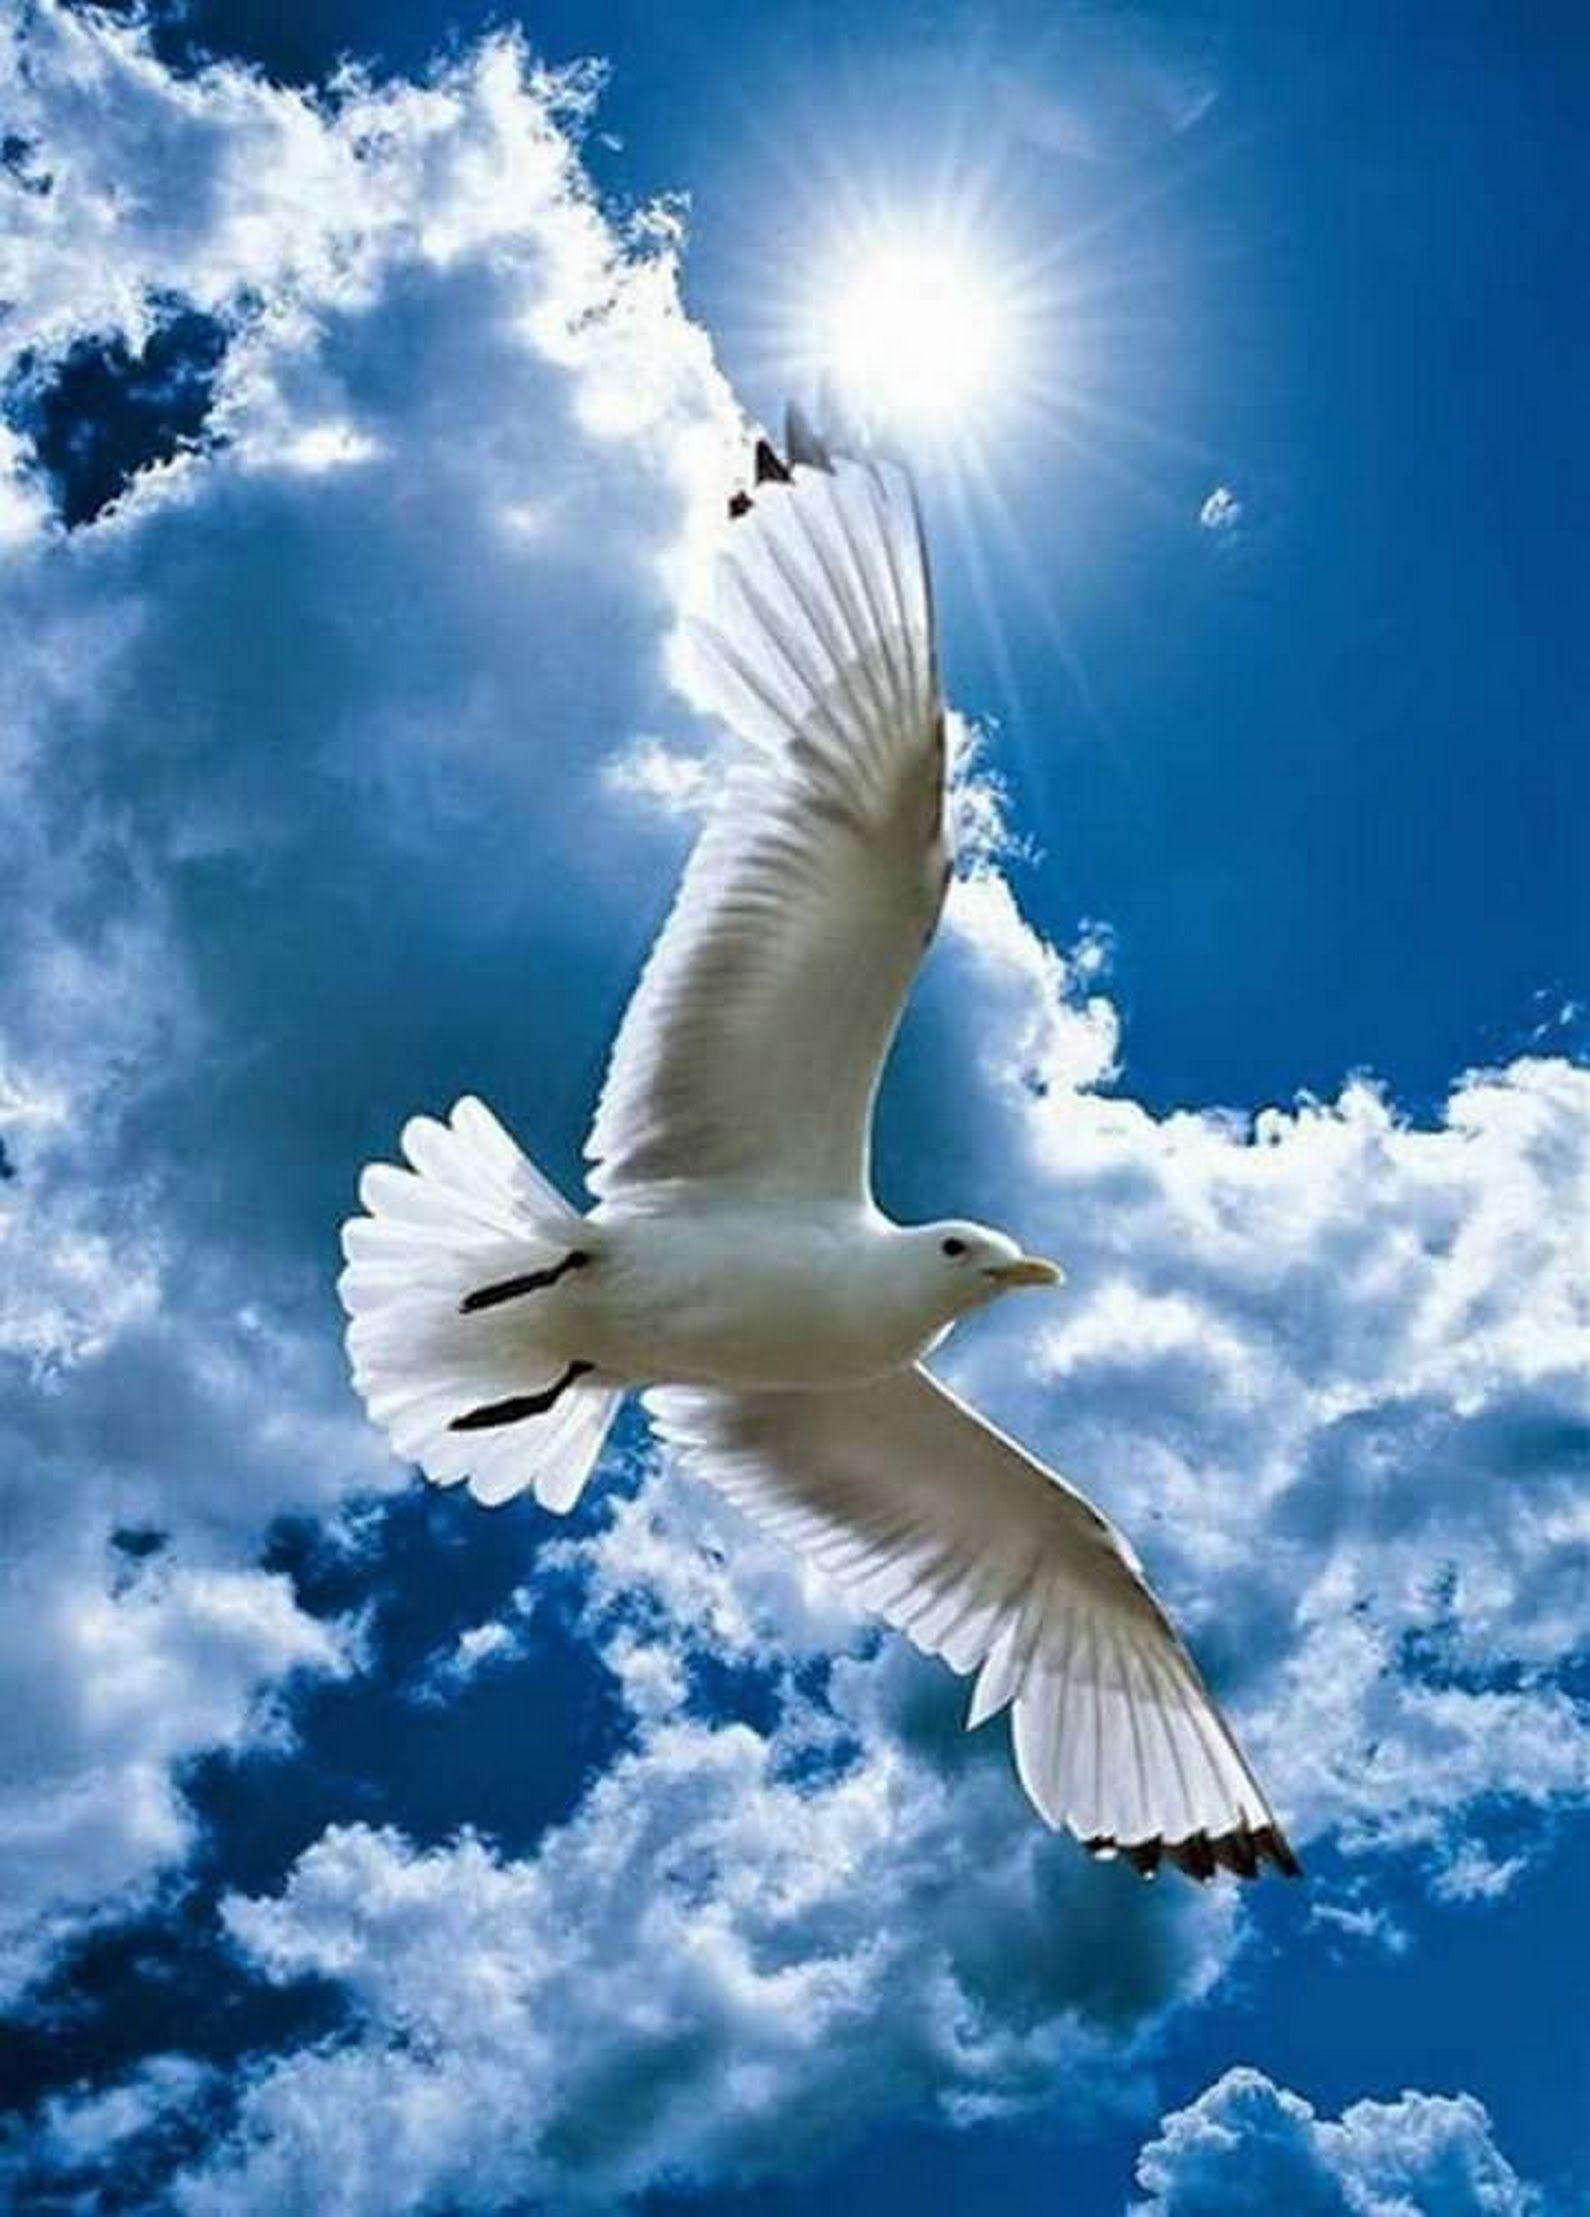 Pin De Manuel Heredia Fernandez En Corazon Aves Volando Fotos